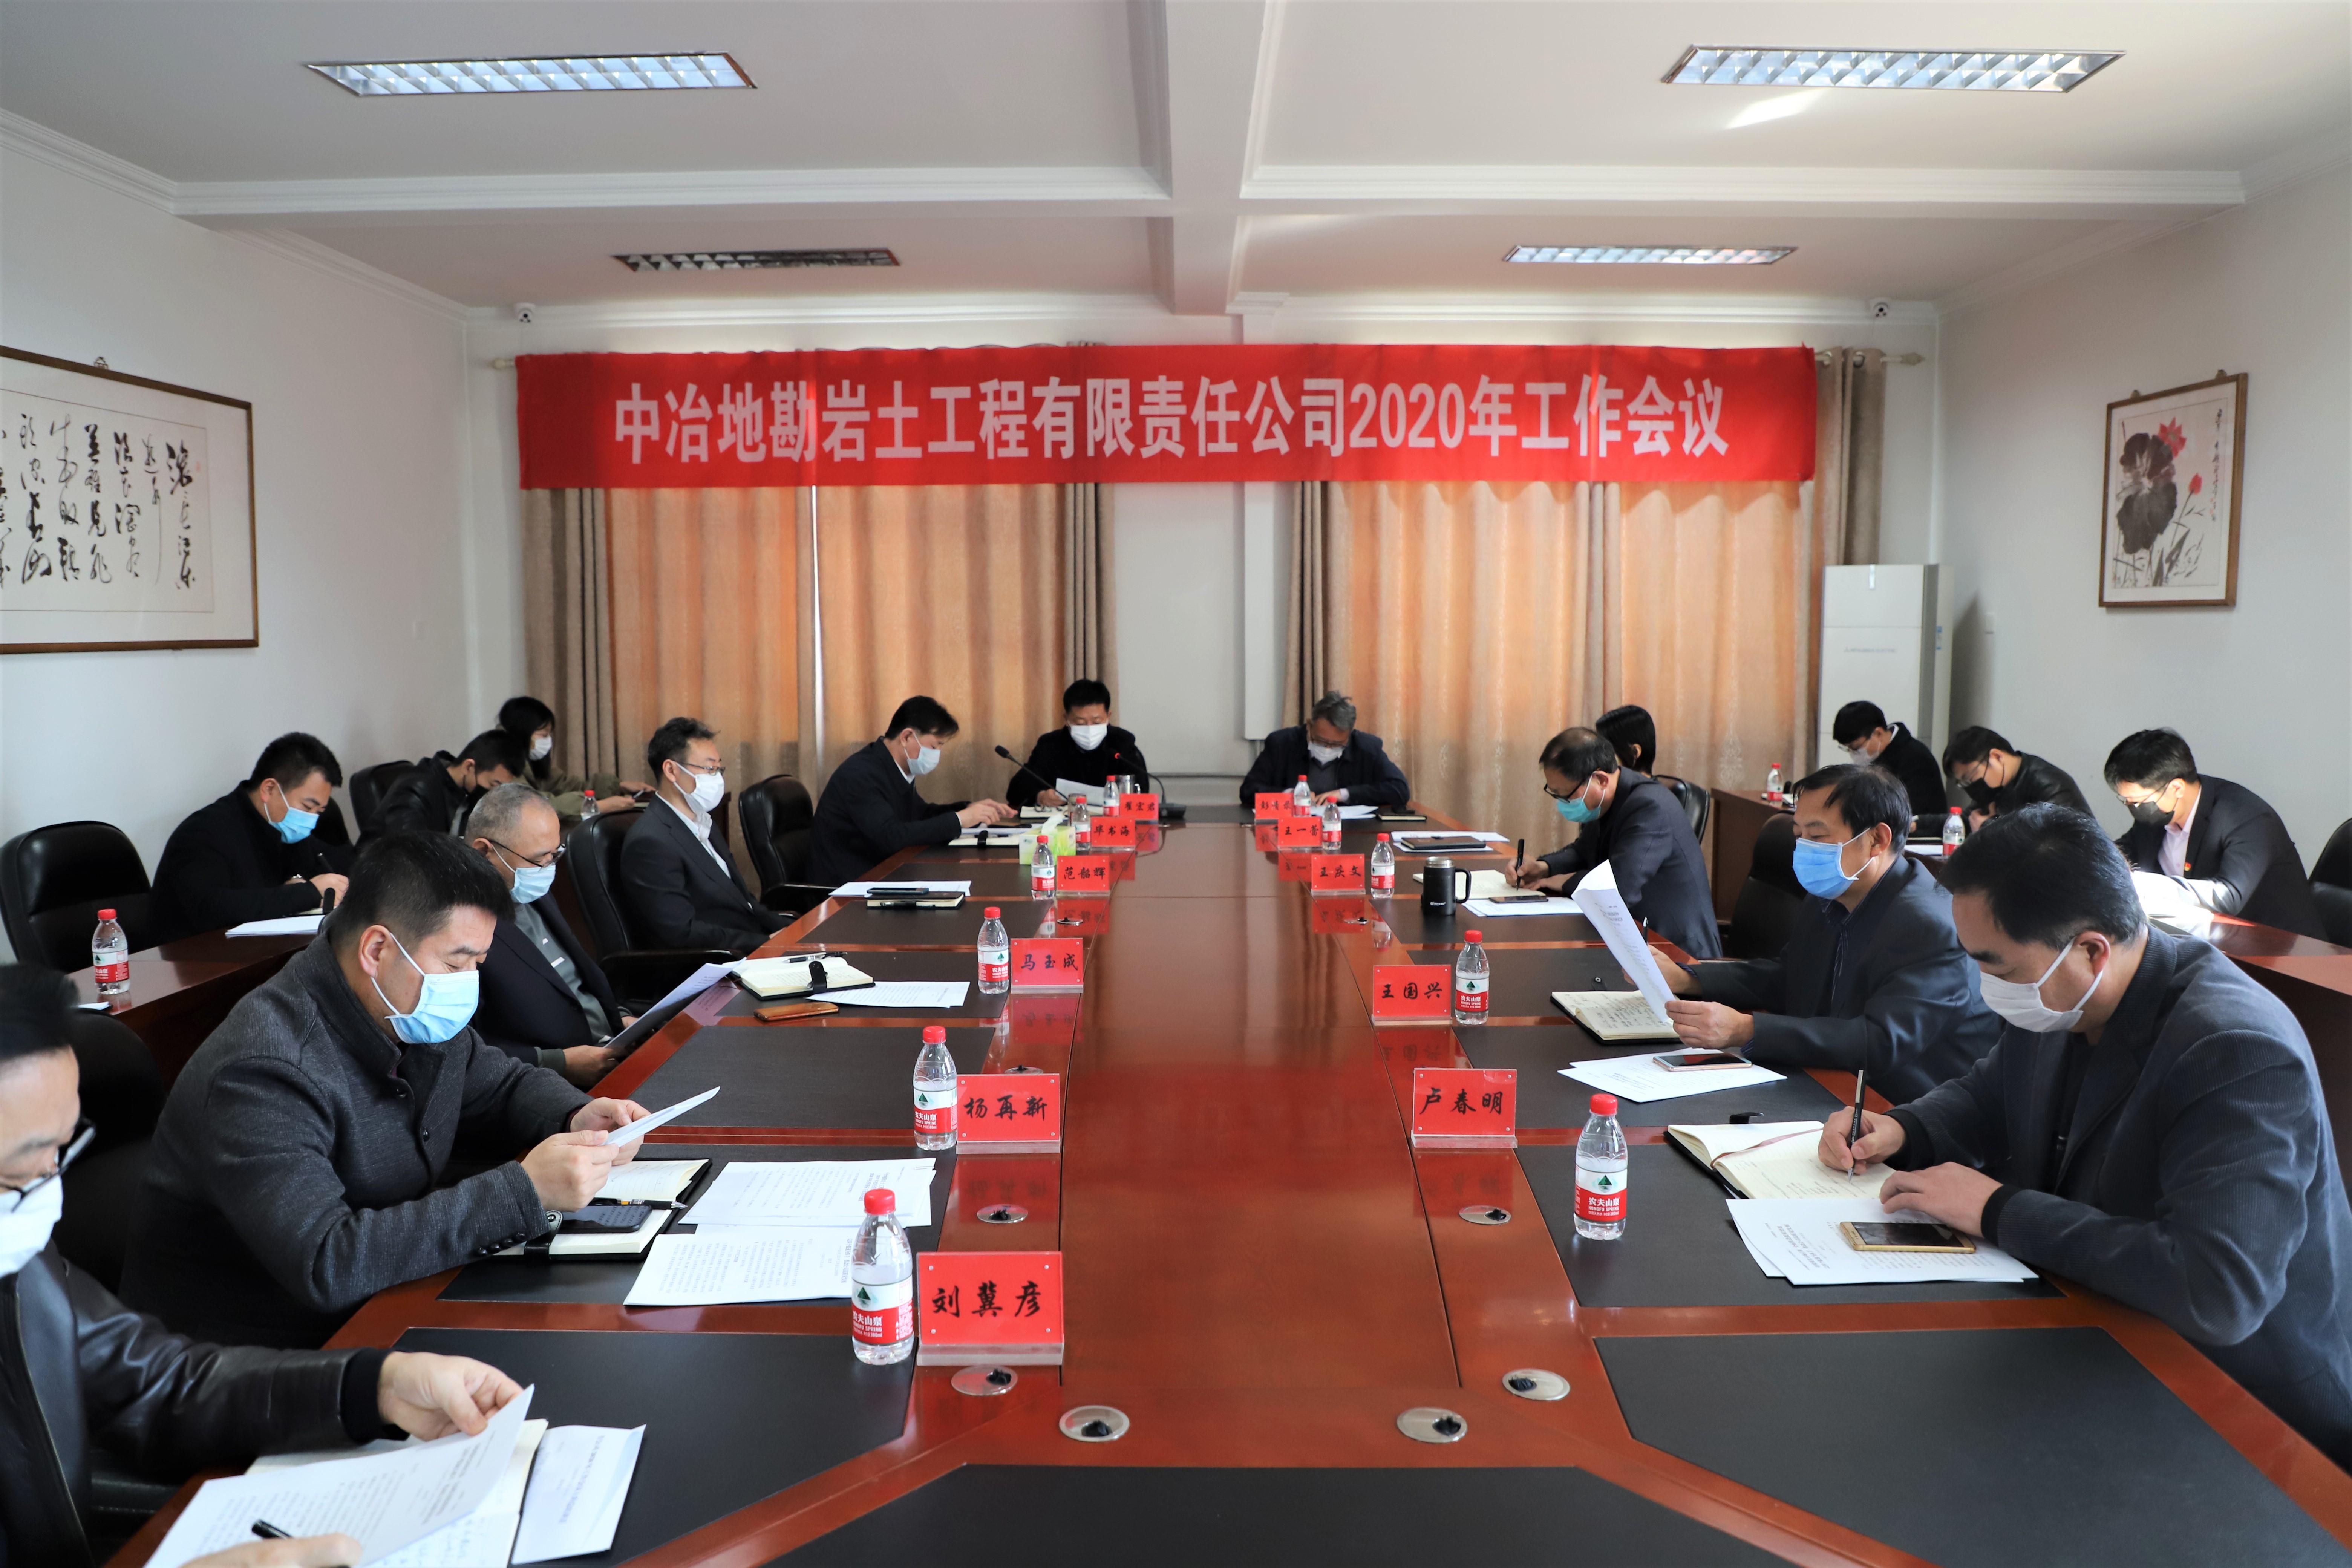 公司召开2020年工作会议